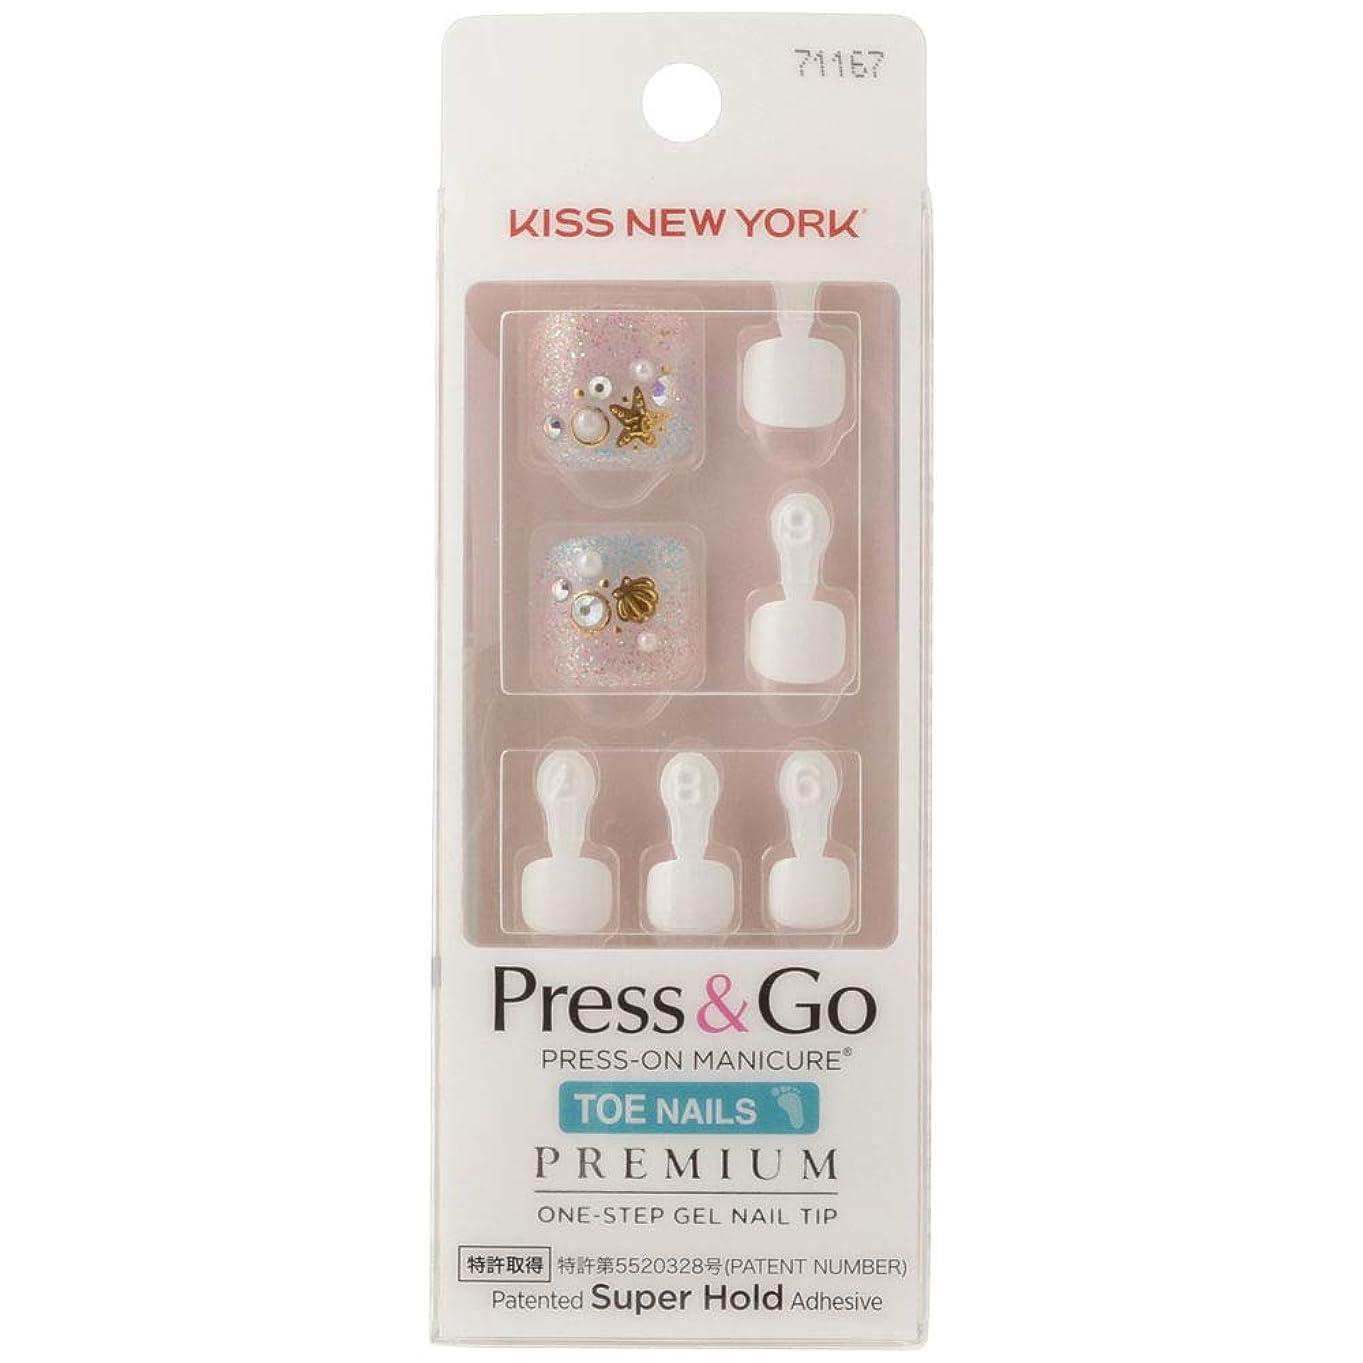 気配りのある壮大な有効化キスニューヨーク (KISS NEW YORK) KISS NEWYORK フットネイルチップPress&Go BHJT08J 18g